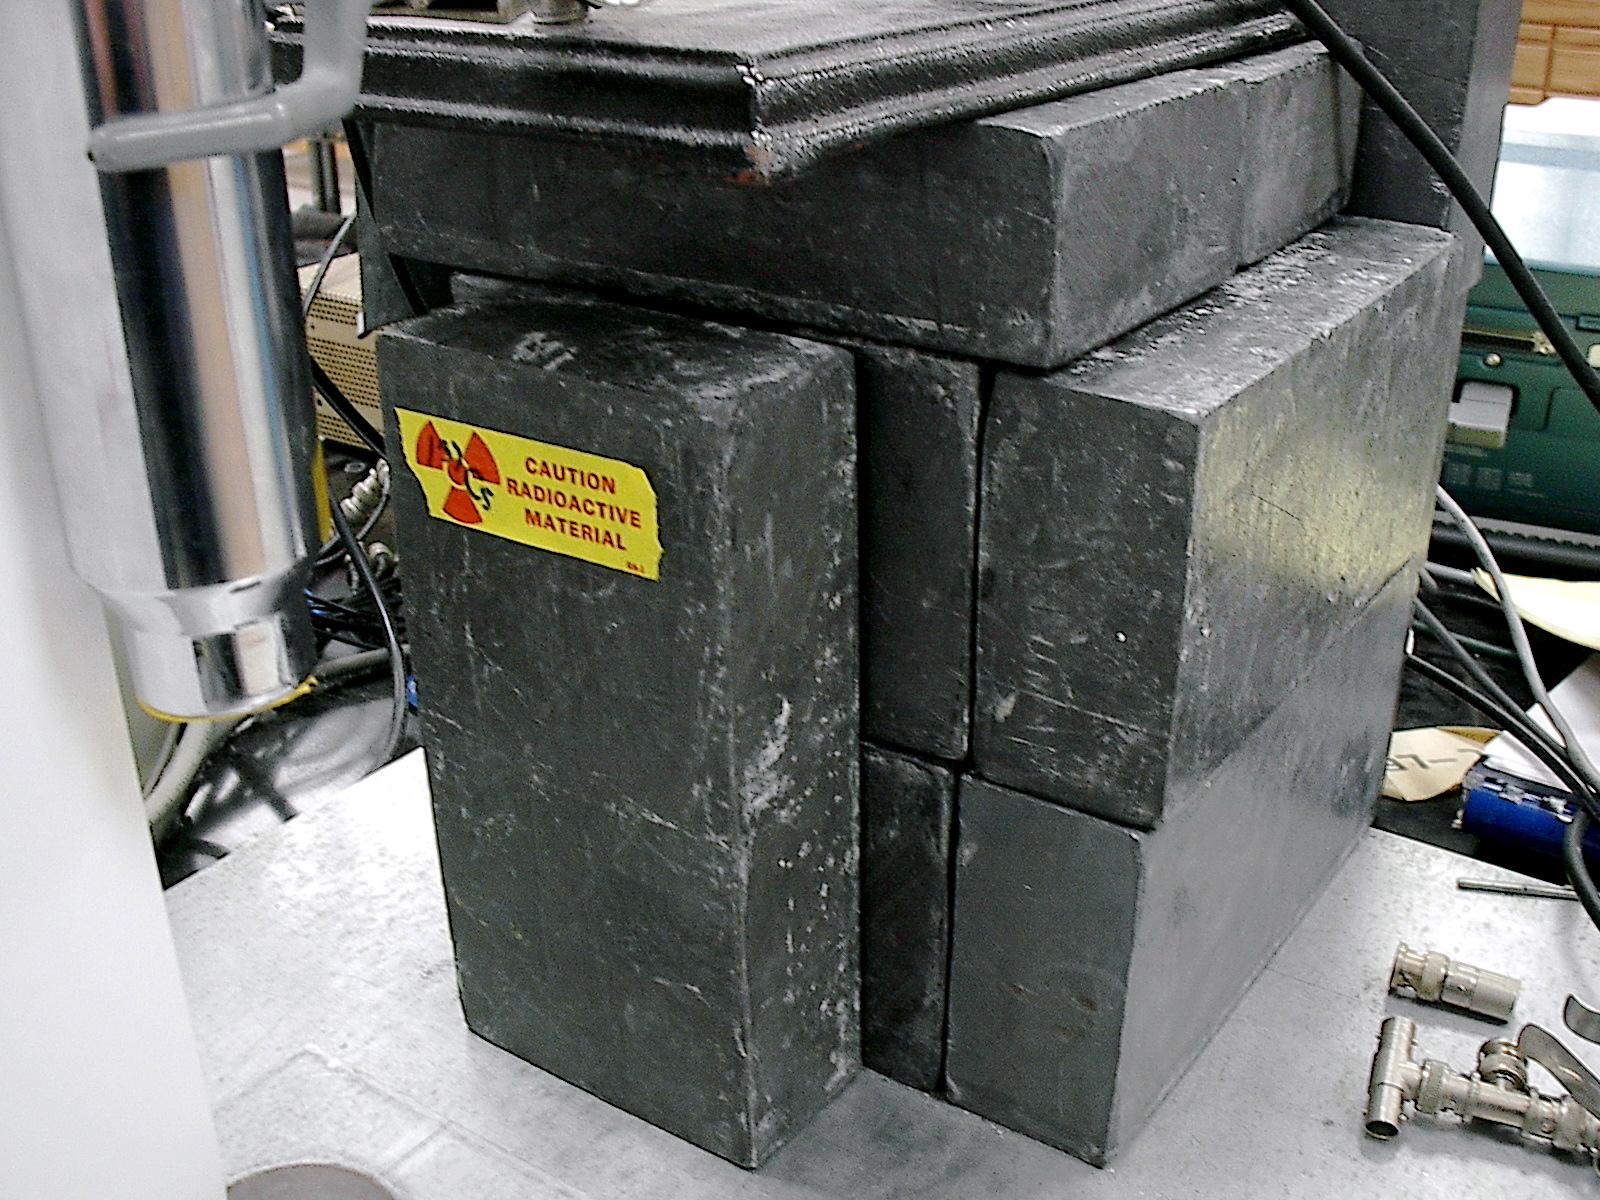 """Una protección radiológica sencilla: un """"castillo de plomo"""" montado con bloques de este material en torno a una fuente radiológica de un laboratorio."""